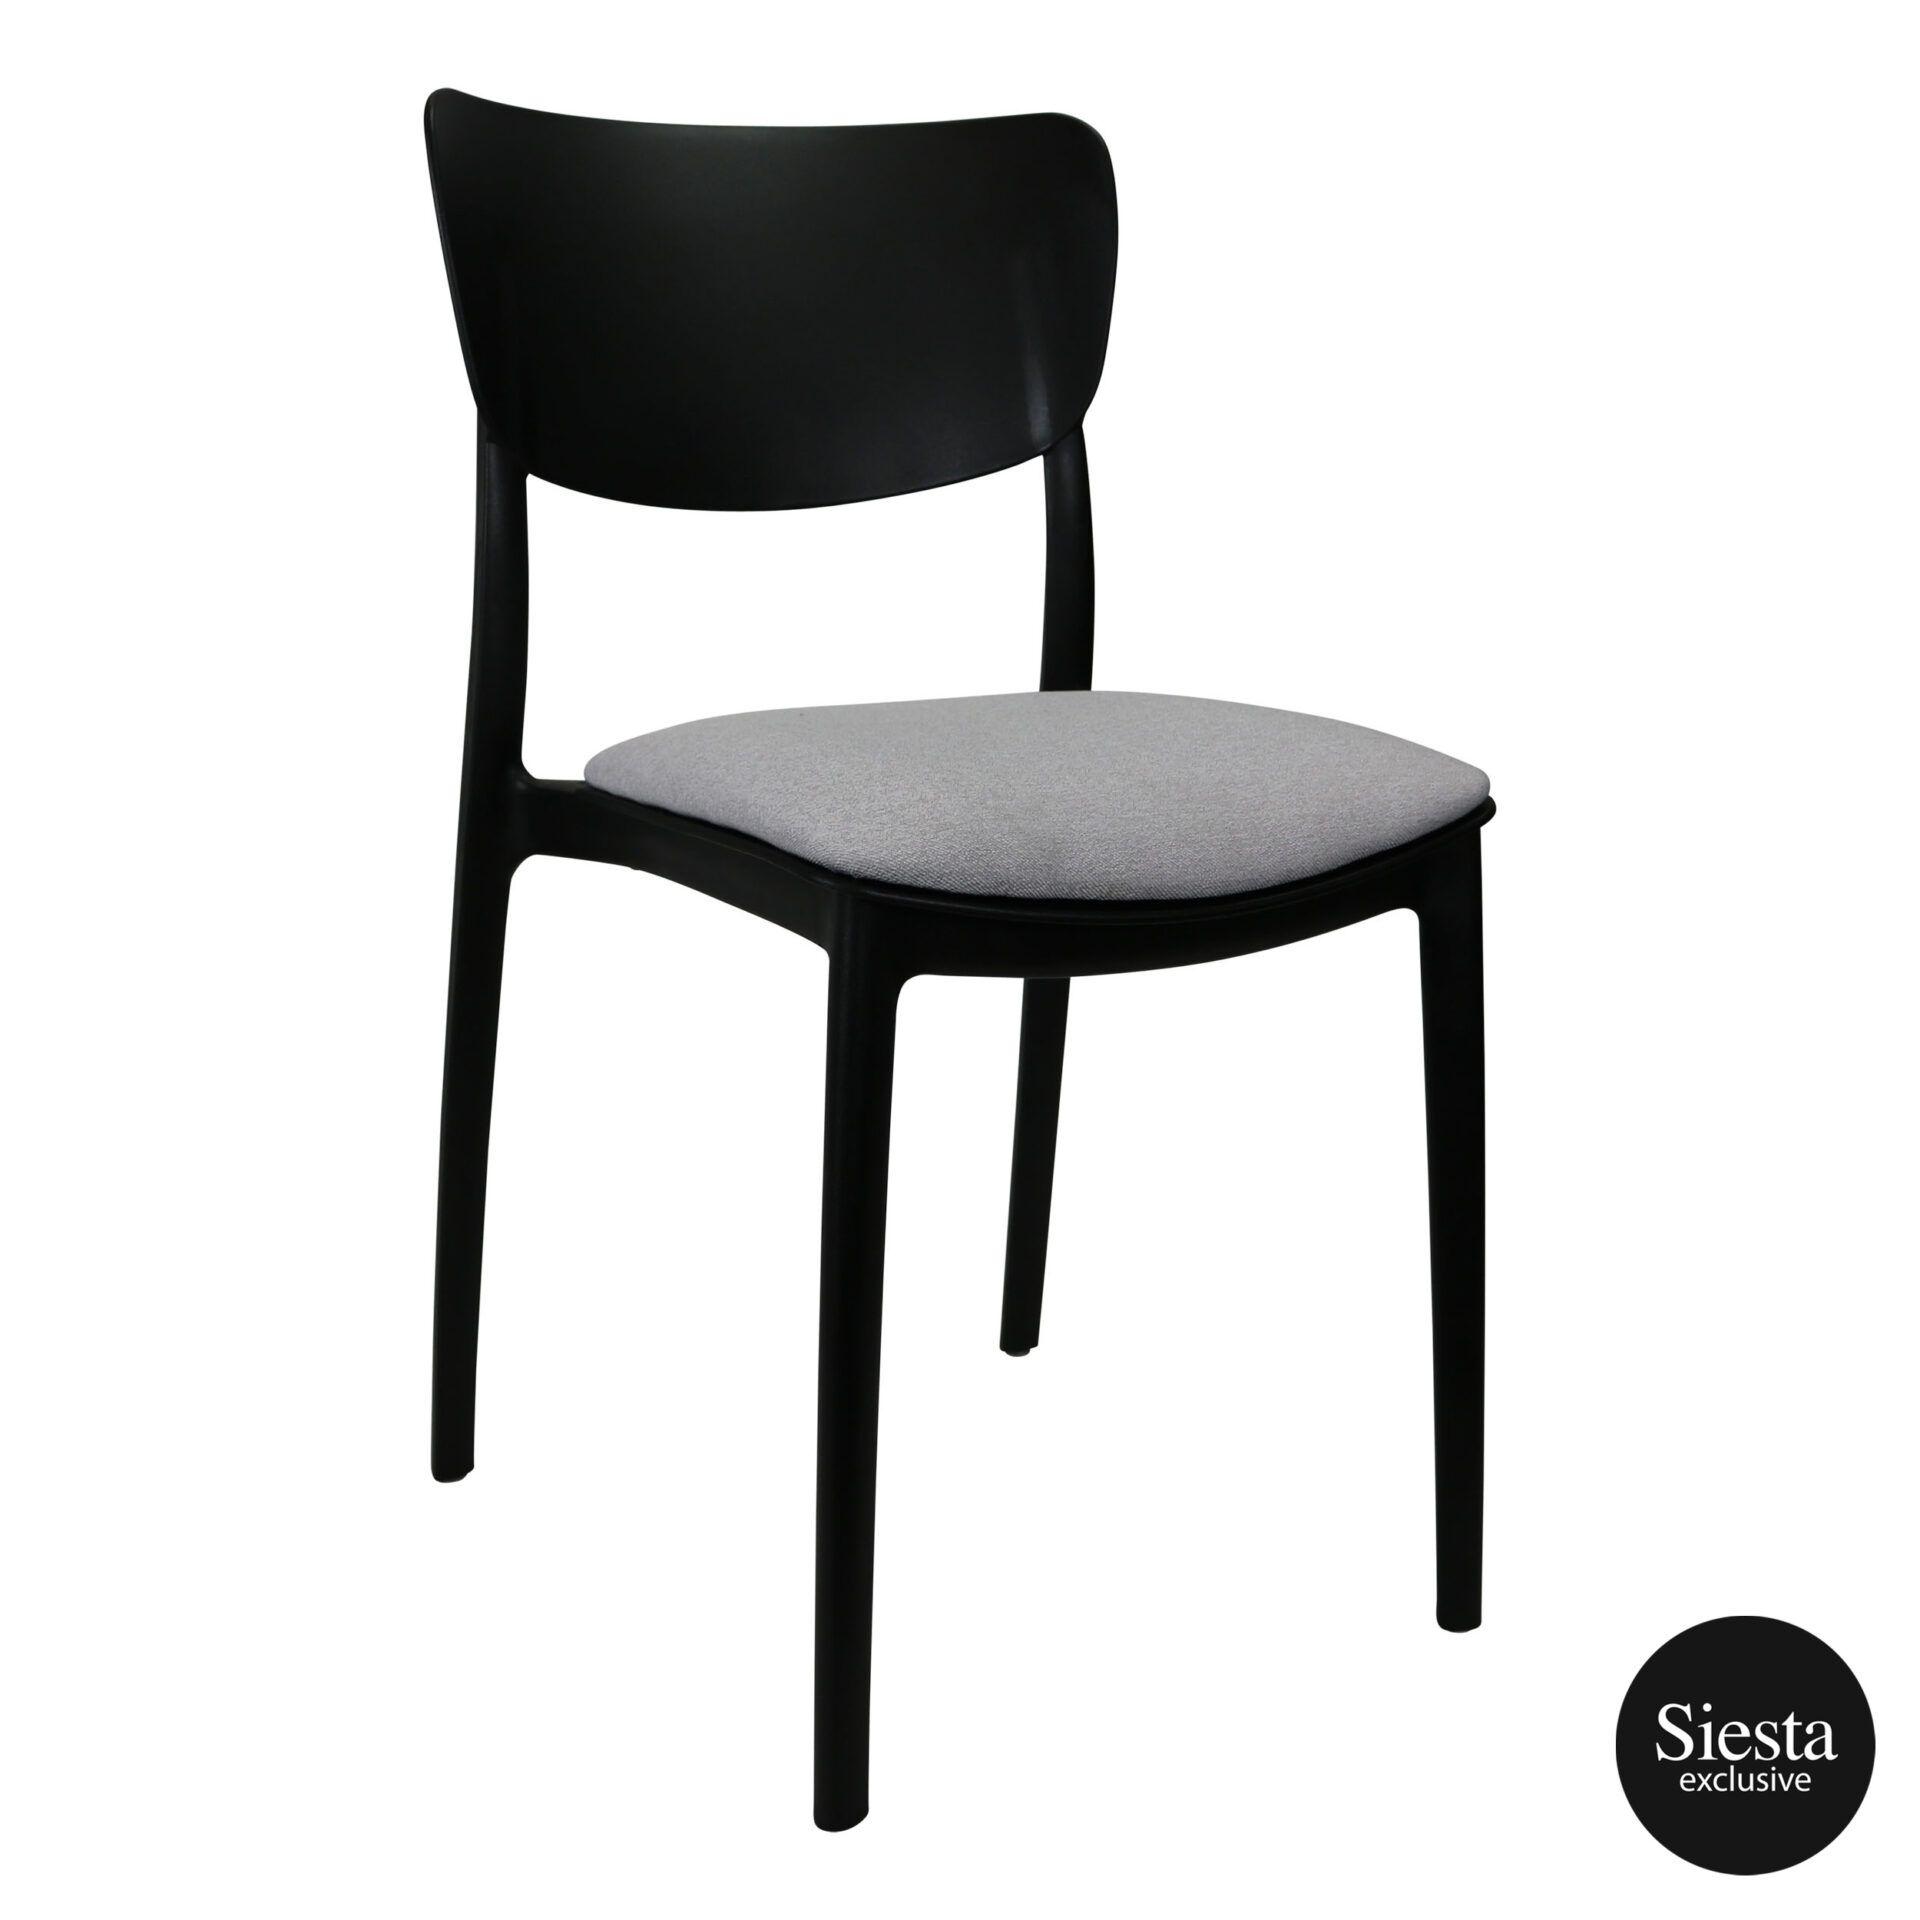 monna chair black c6a